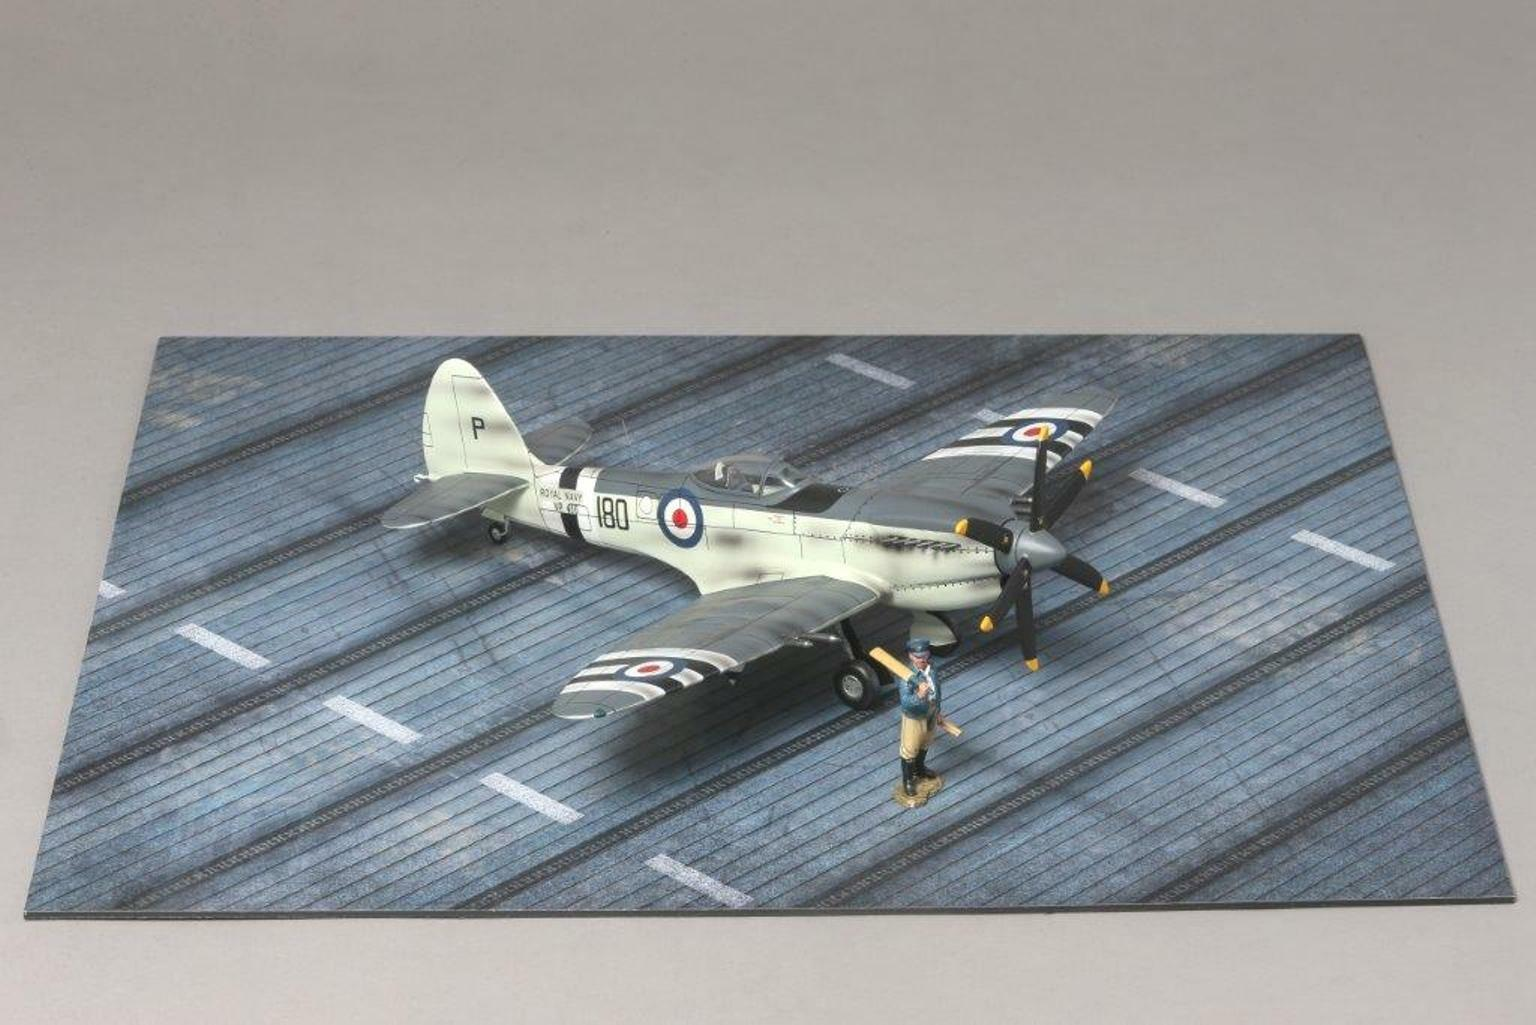 THOMAS GUNN DIORAMA ACCESSORY WW2 MAT005 AIRCRAFT CARRIER MAT MIB